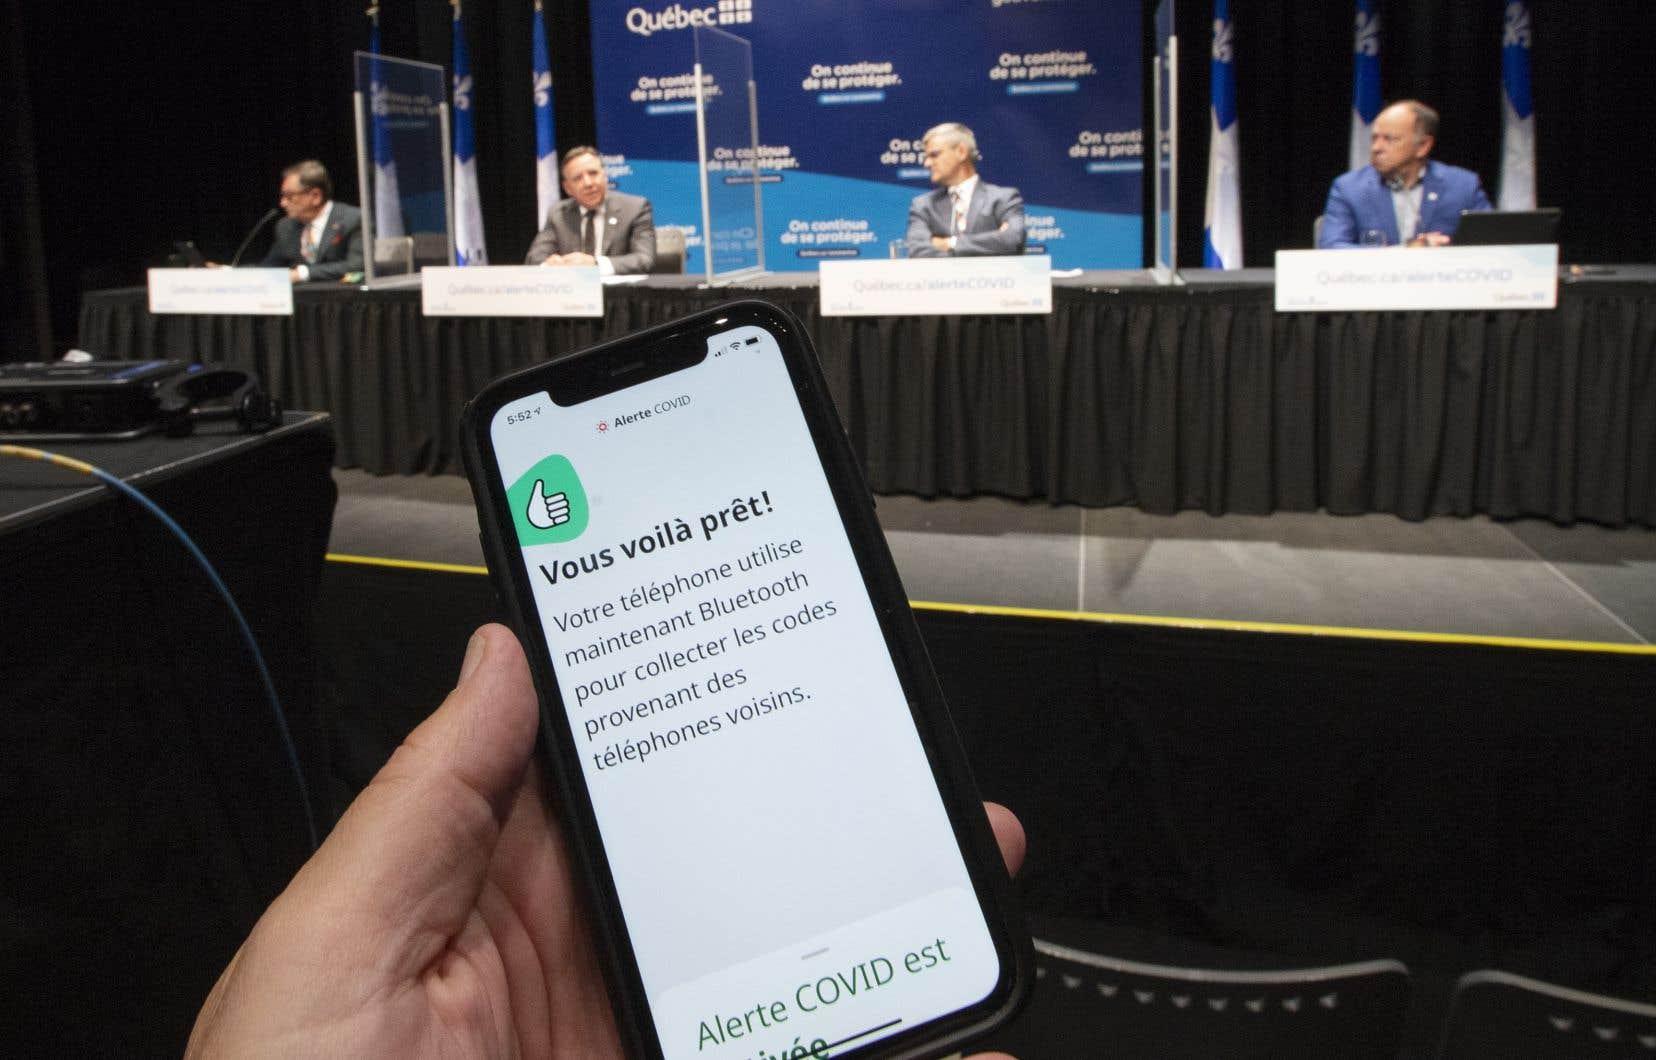 Le Québec s'est joint lundi aux cinq autres provinces qui avaient déjà adopté l'application fédérale Alerte COVID.